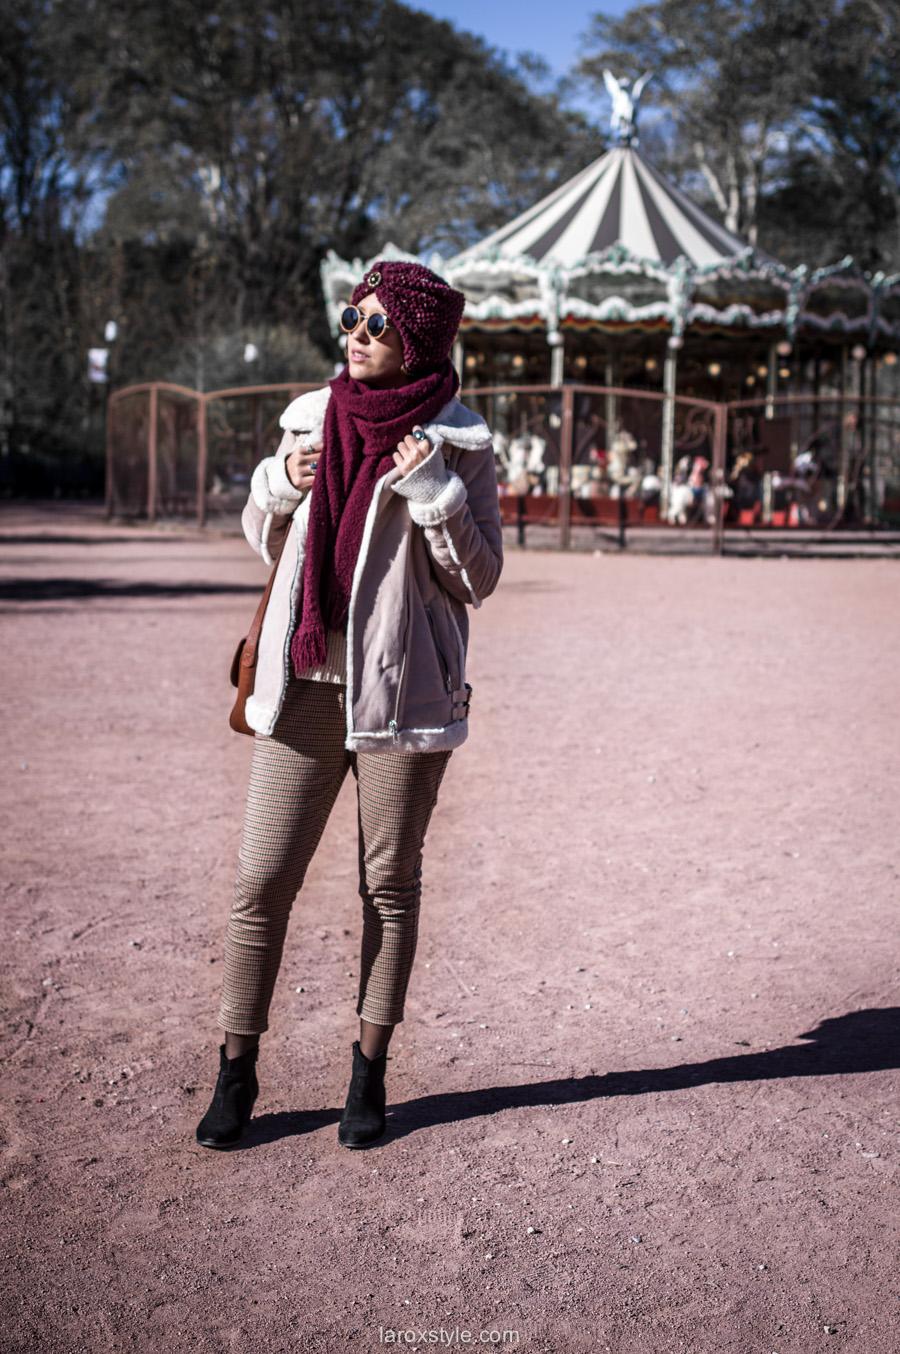 retro look - turban cheveux - pantalon pied de poule - laroxstyle blog mode lyon-1